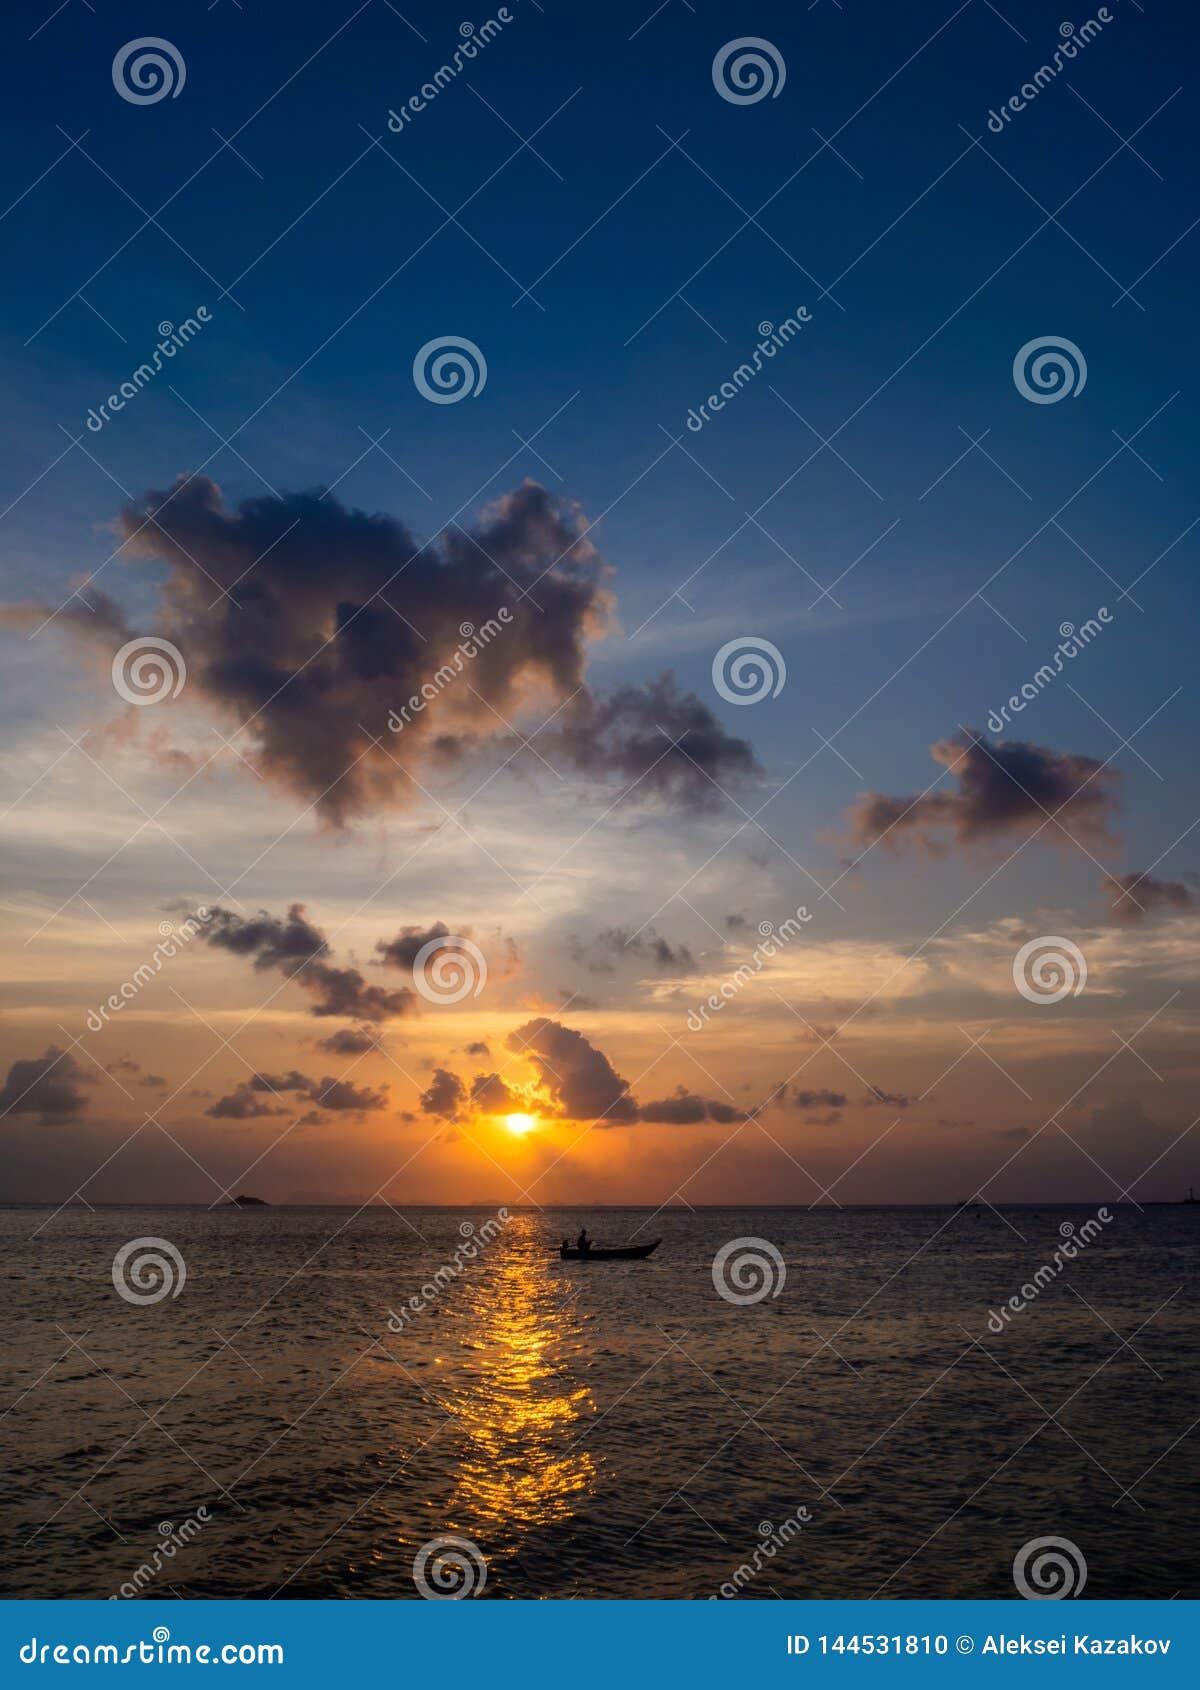 Siluette della gente in un kajak nei raggi del tramonto contro lo sfondo delle nuvole